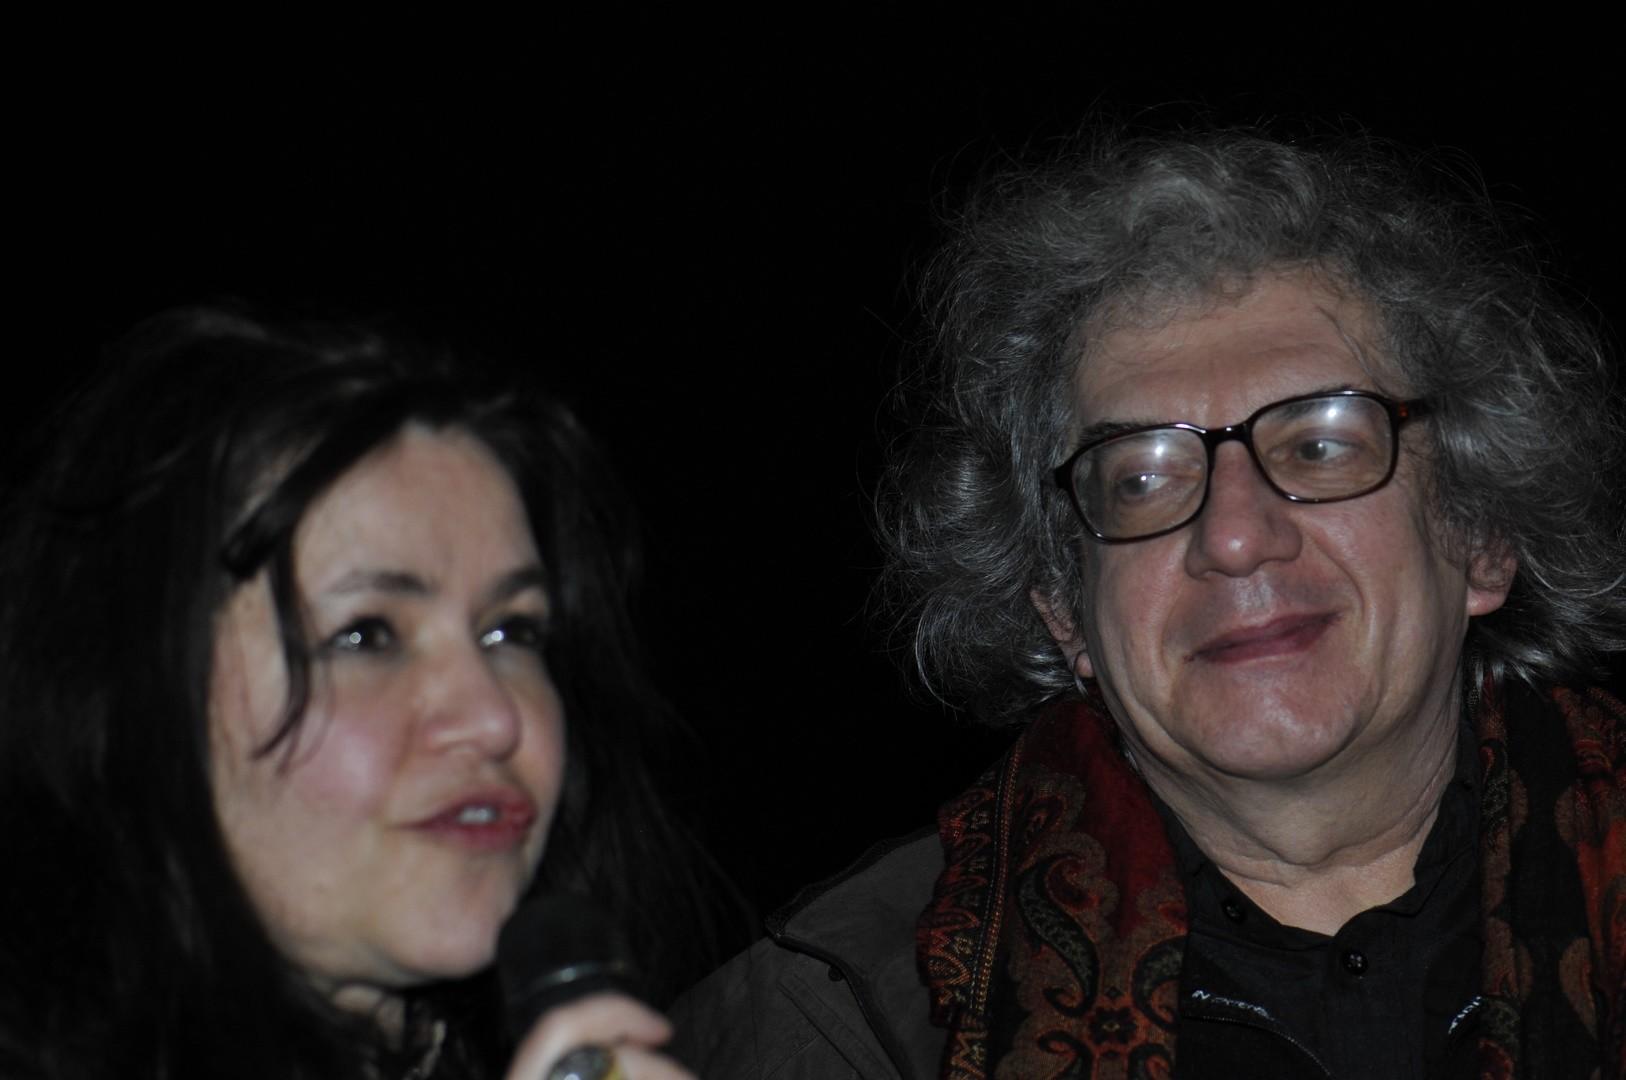 Erika et Bernard Thomas, réalisateurs, présentent Archéologie en amazonie, la mémoire de la terre